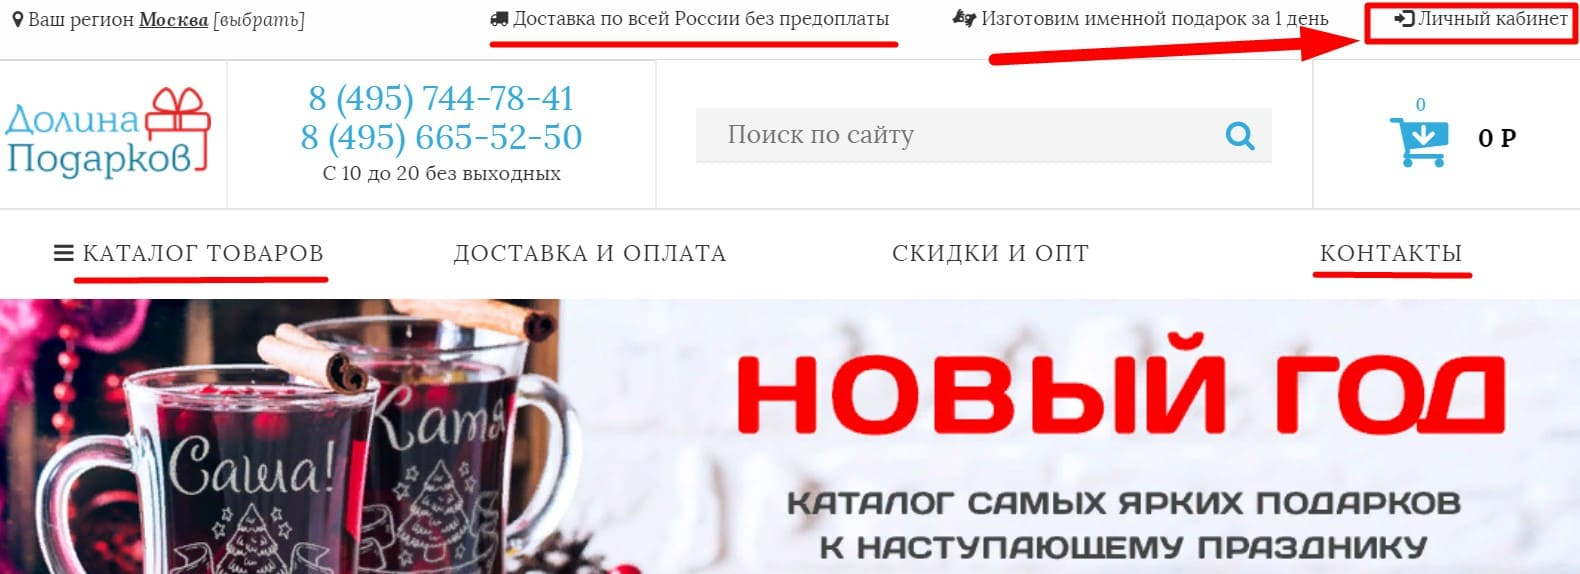 Долина Подарков интернет магазин